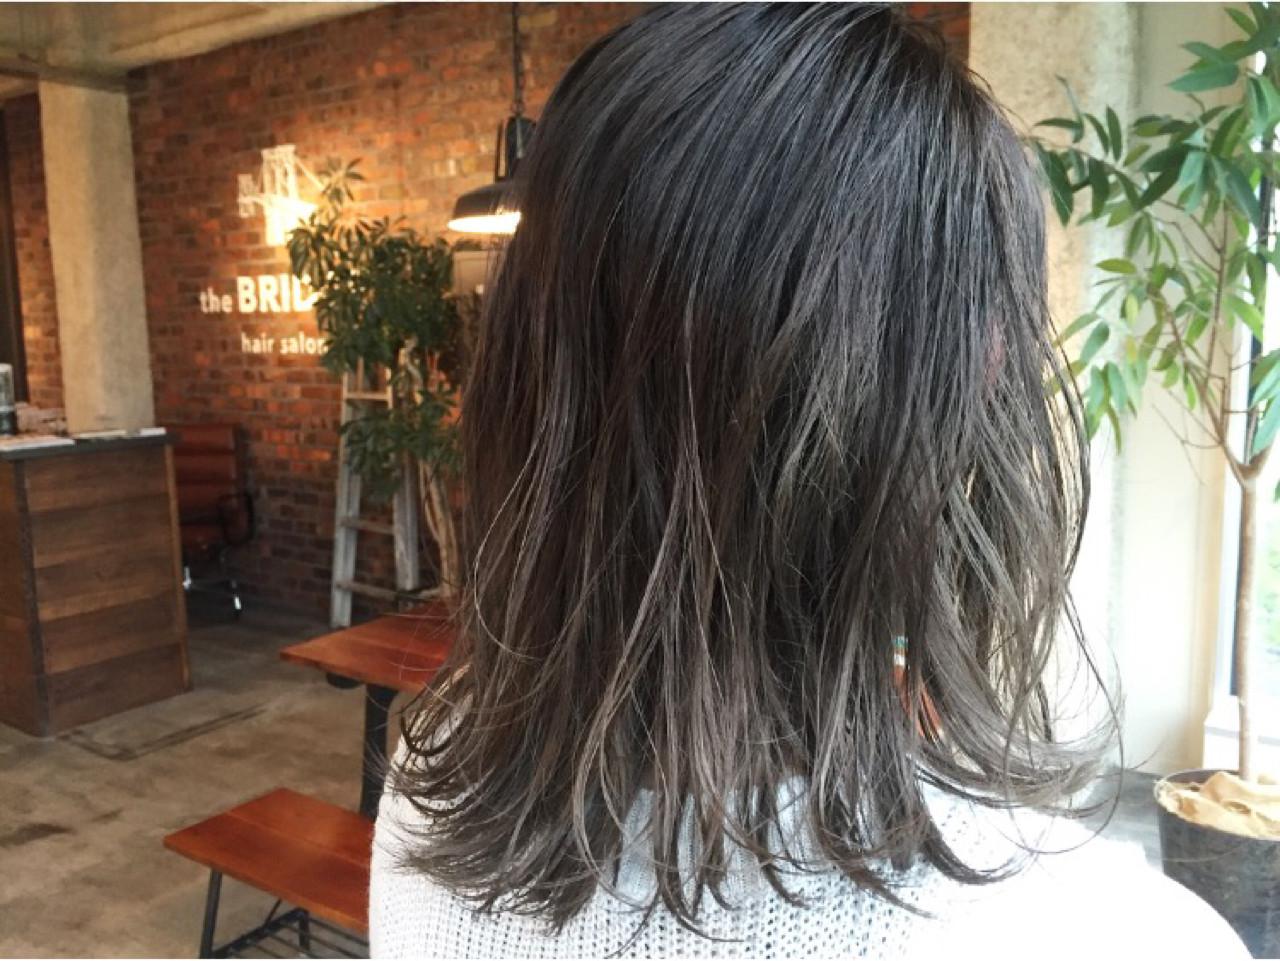 グラデーションカラー グレージュ 暗髪 ミディアム ヘアスタイルや髪型の写真・画像